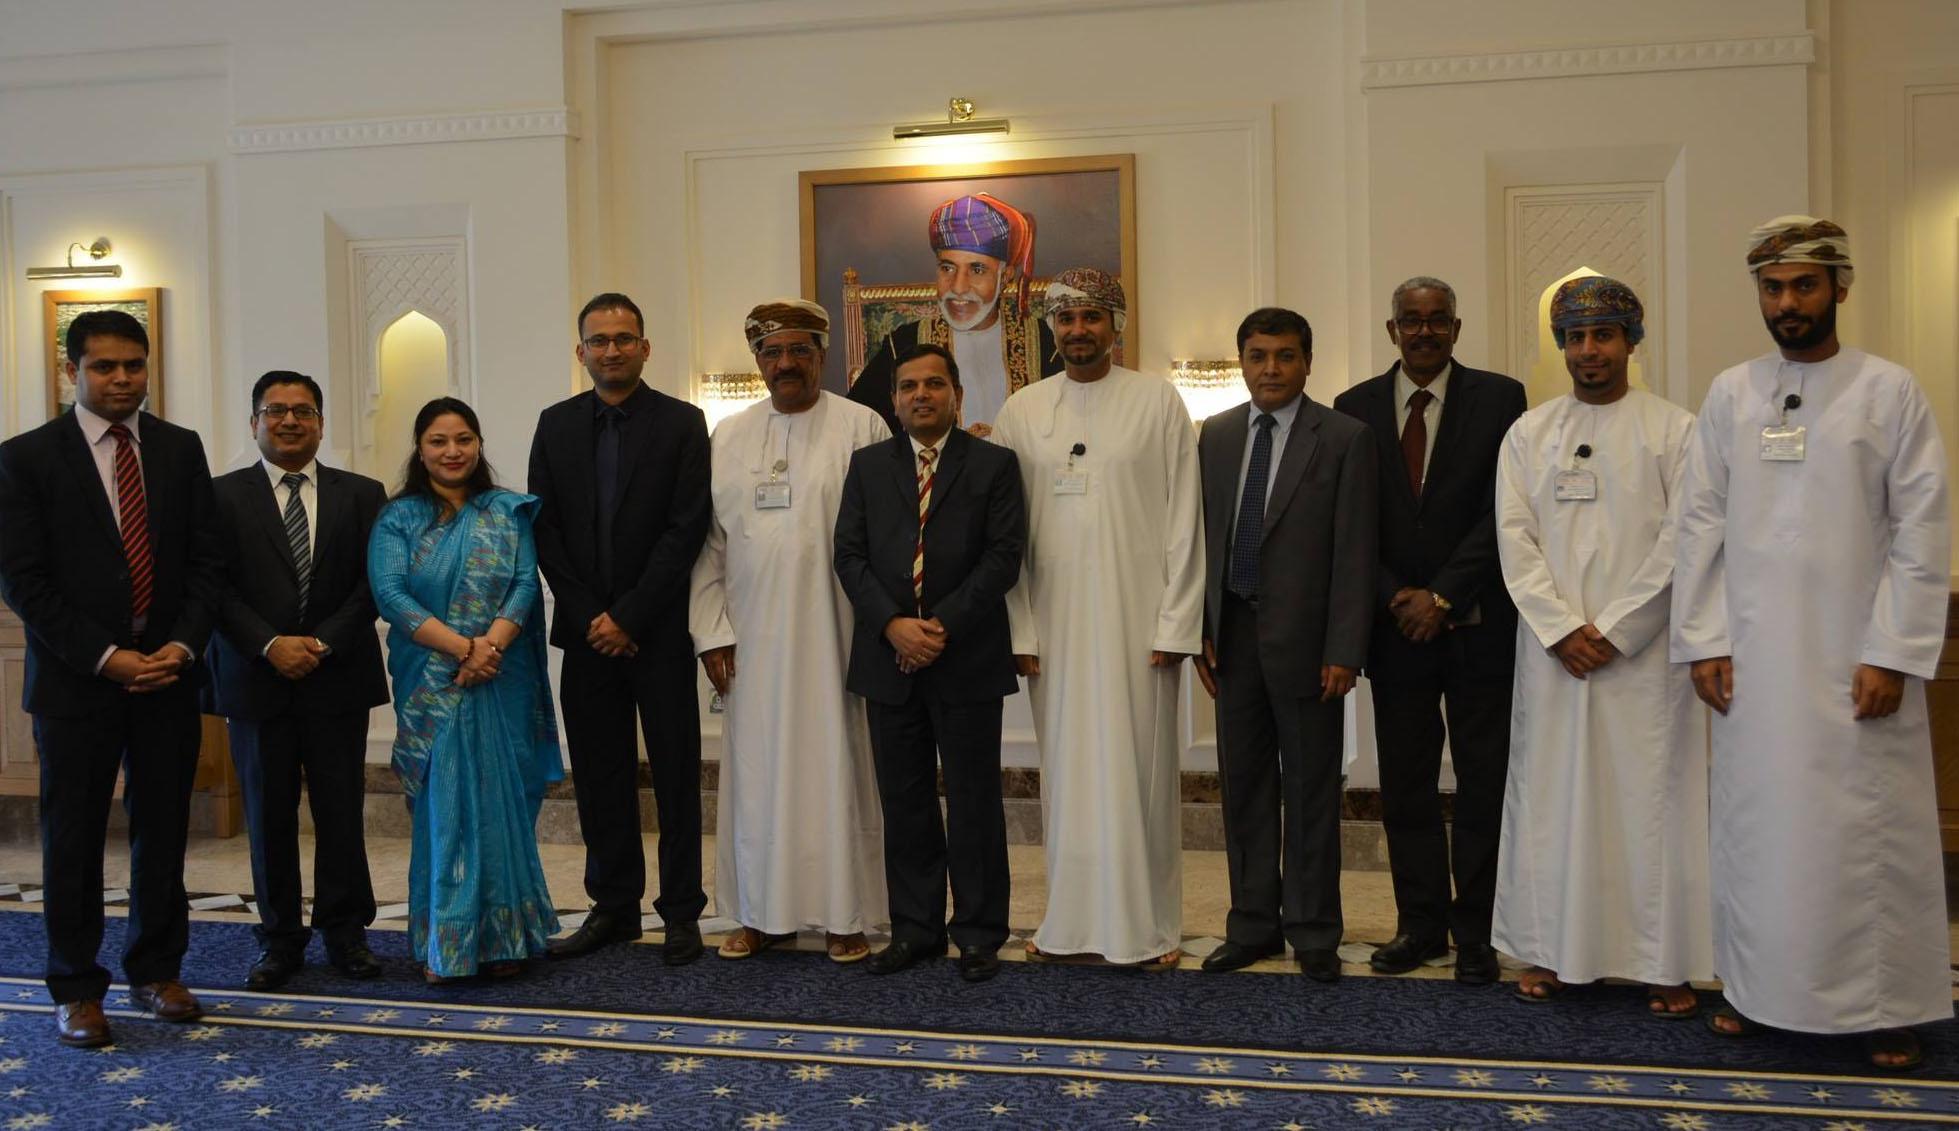 युएई र ओमानसँग श्रम सम्झौताको मस्यौदामा छलफल